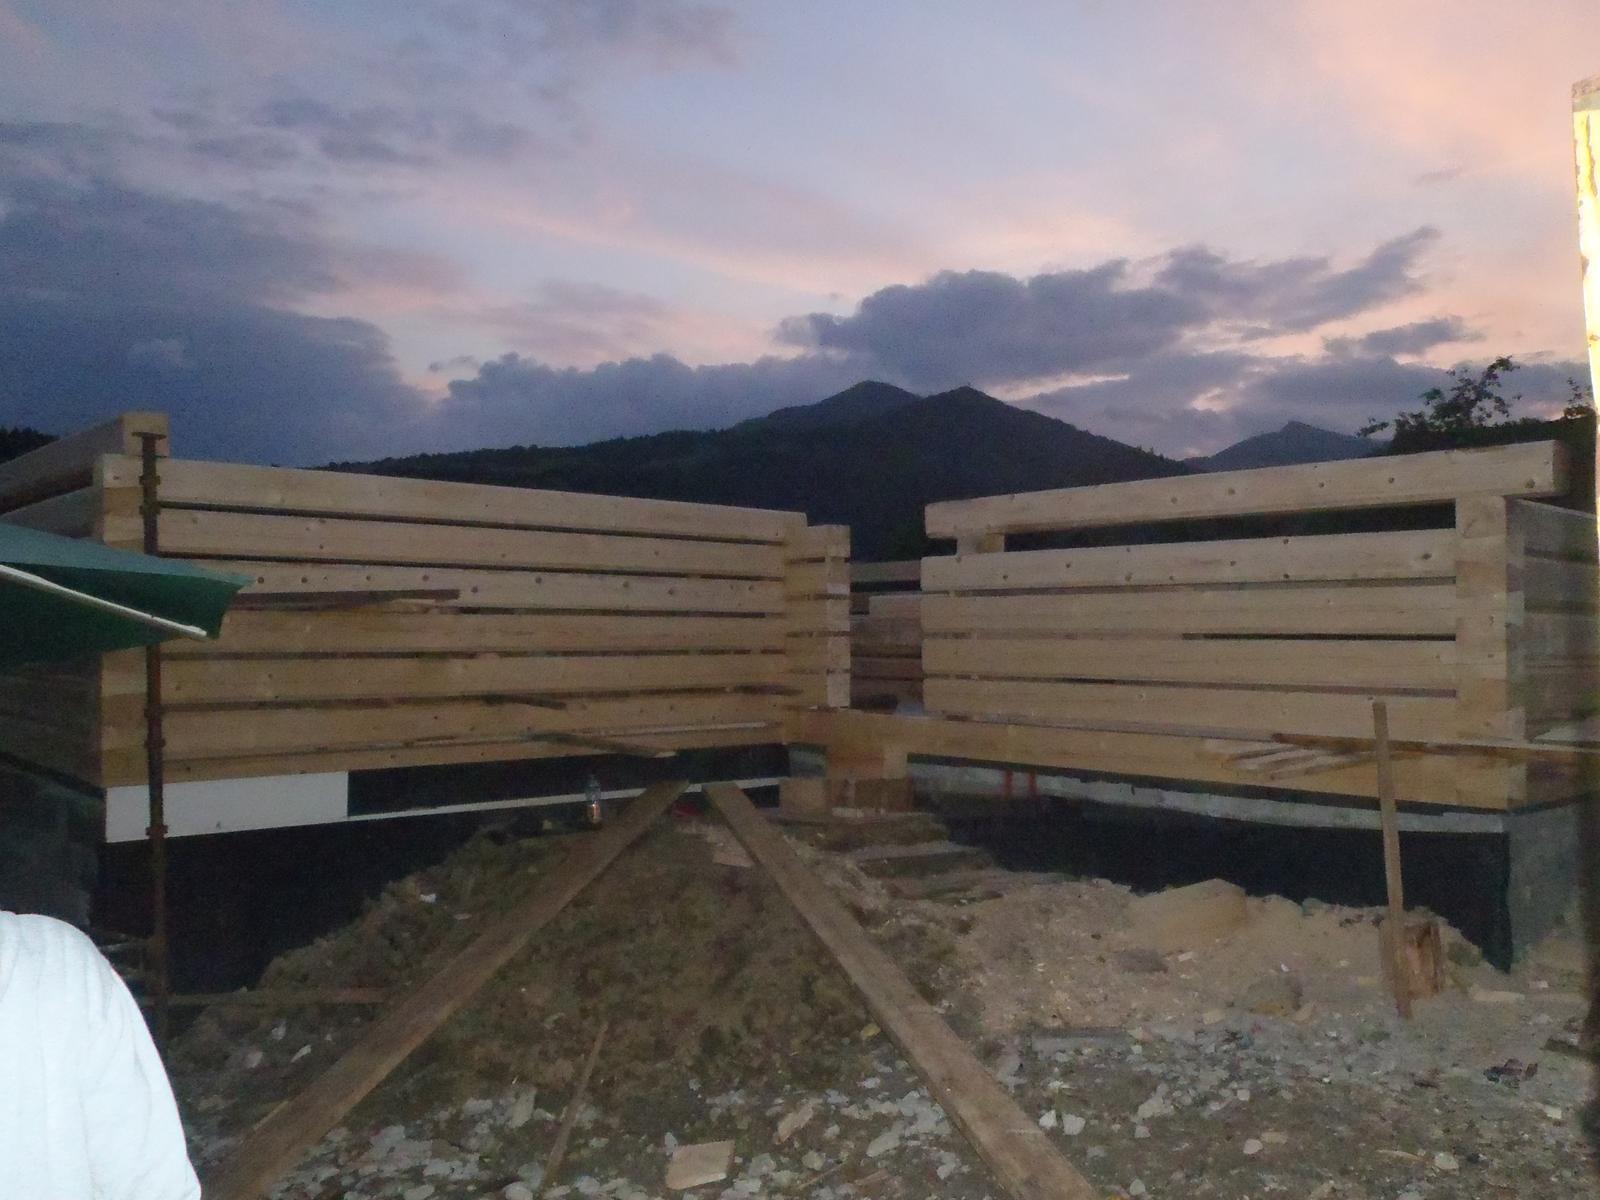 Náš veľký sen o drevenom domčeku! - Obrázok č. 72